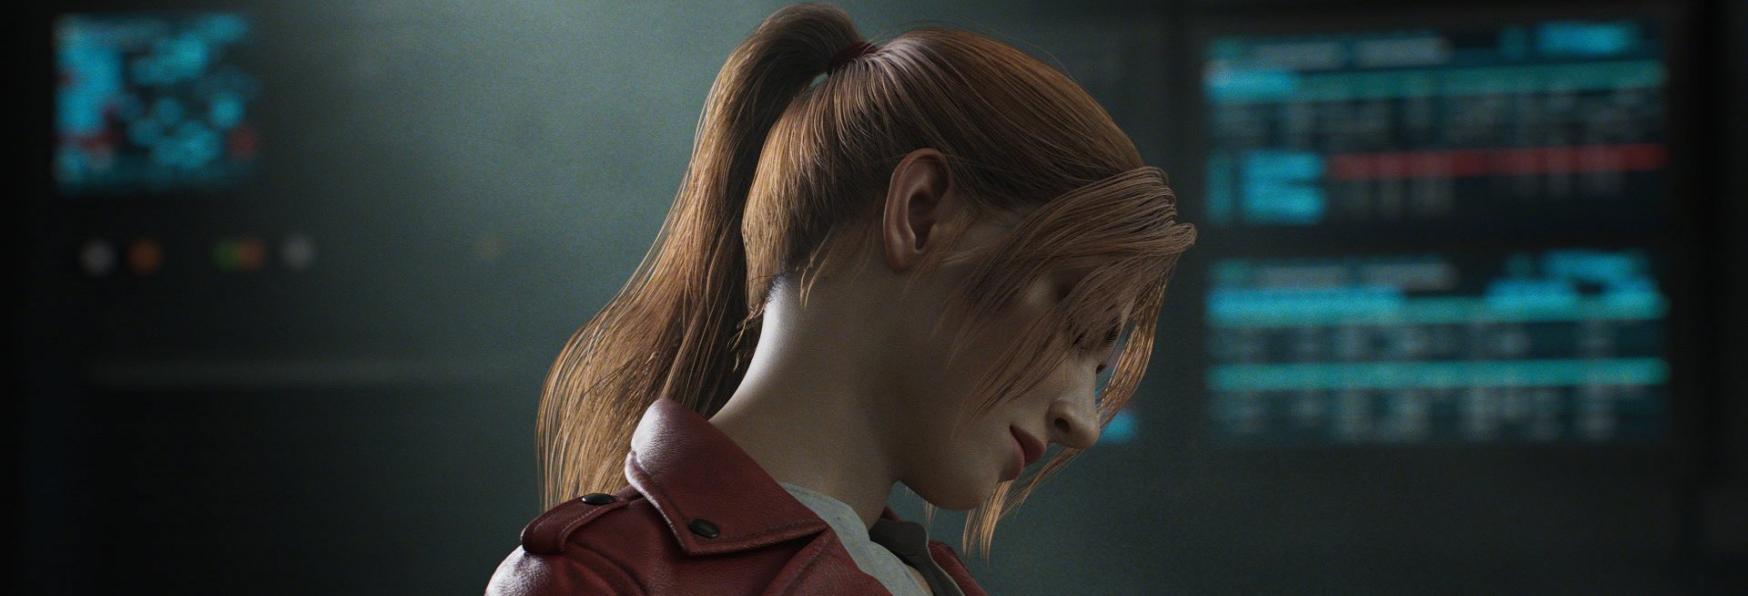 Resident Evil: Infinite Darkness - Trama, Cast, Trailer, Data e altre Informazioni sulla Serie TV in uscita su Netflix